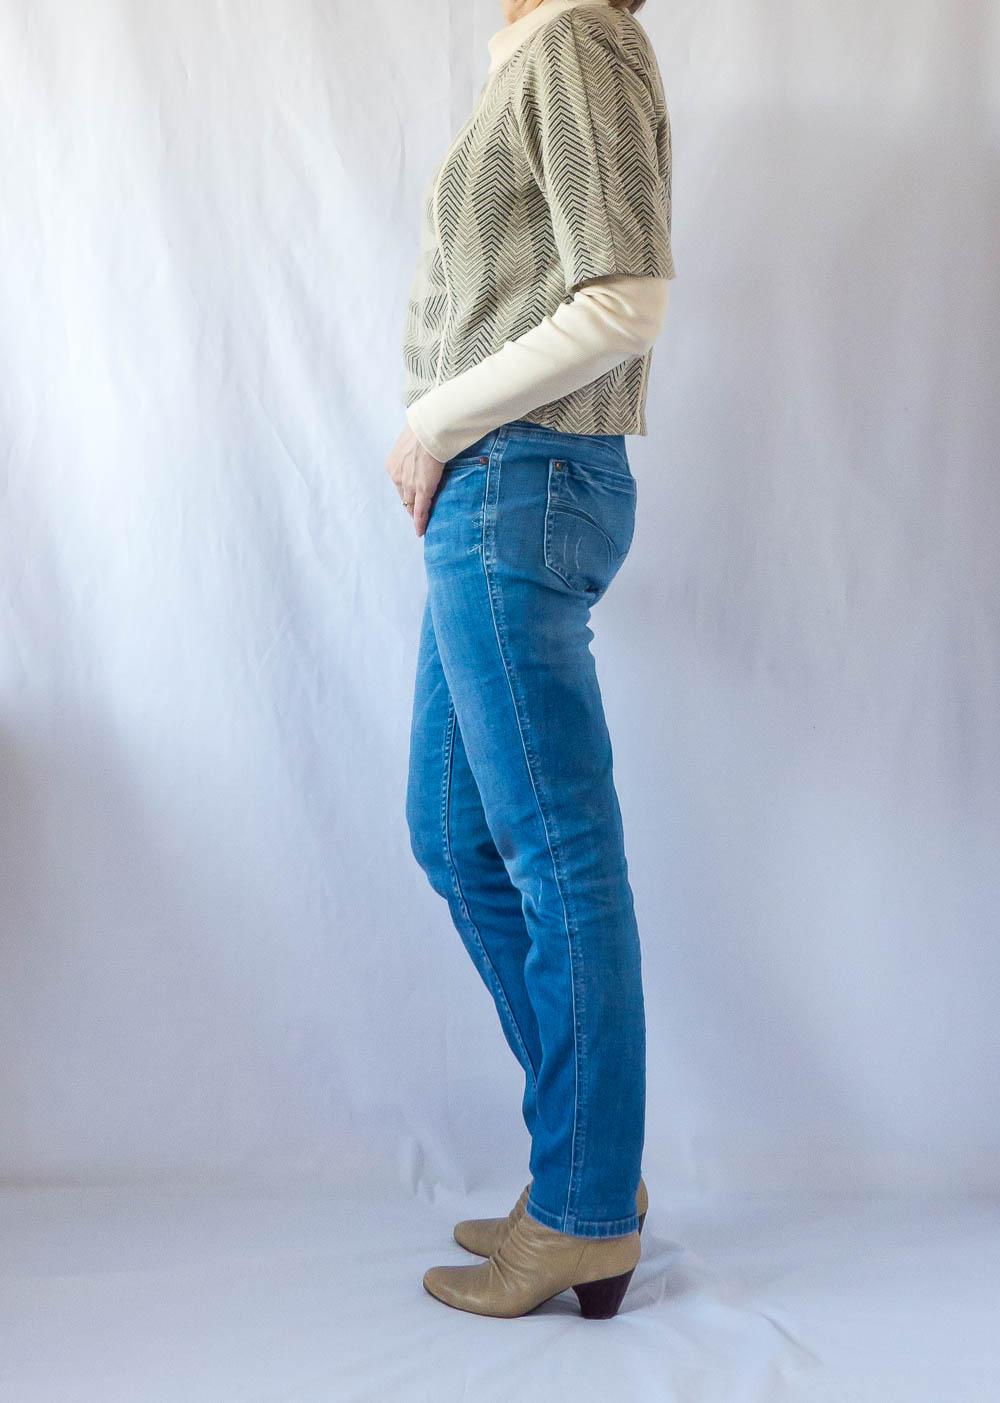 Short Sleeved Raglan Top by BurdaStyle